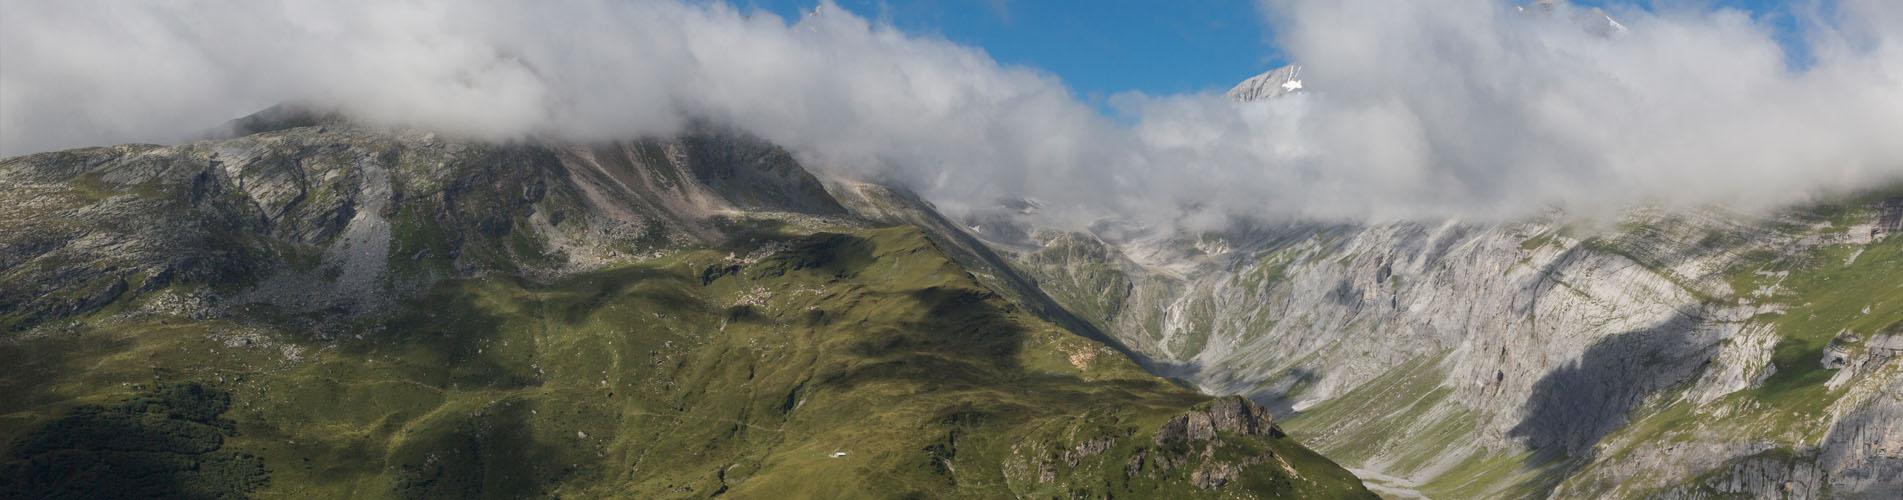 Wanderungen in der Surselva: Breil / Brigels, Greina Hochebene, Val Frisal, Naturpark Beverin, Piz Mundaun, Bündner Rigi, Schlans, Waltensburg, Sumvitg, Trun uvm.